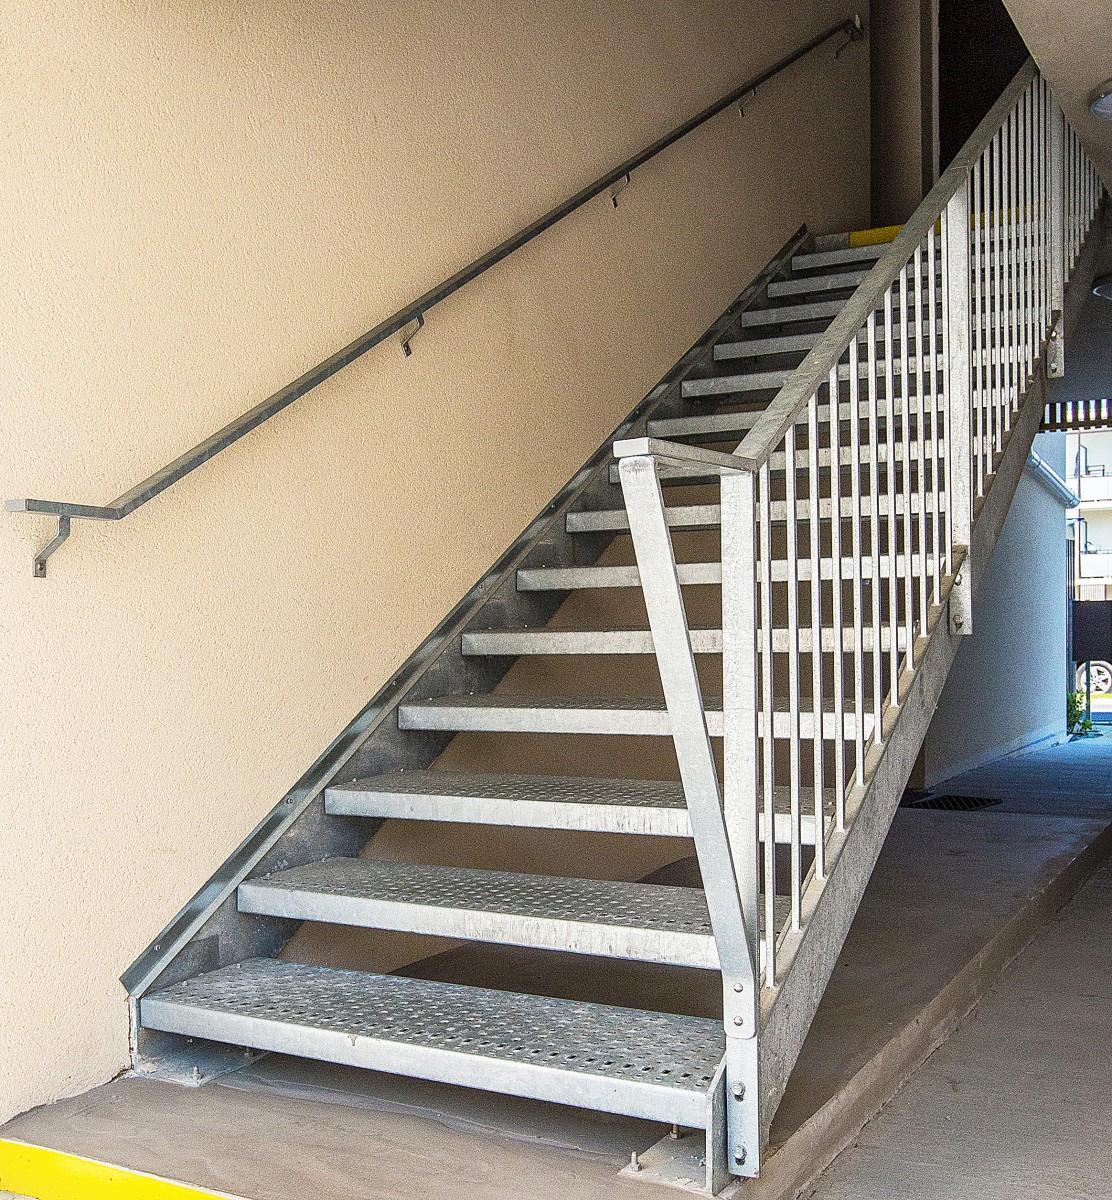 Escaliers ext rieurs for Escalier exterieur aluminium